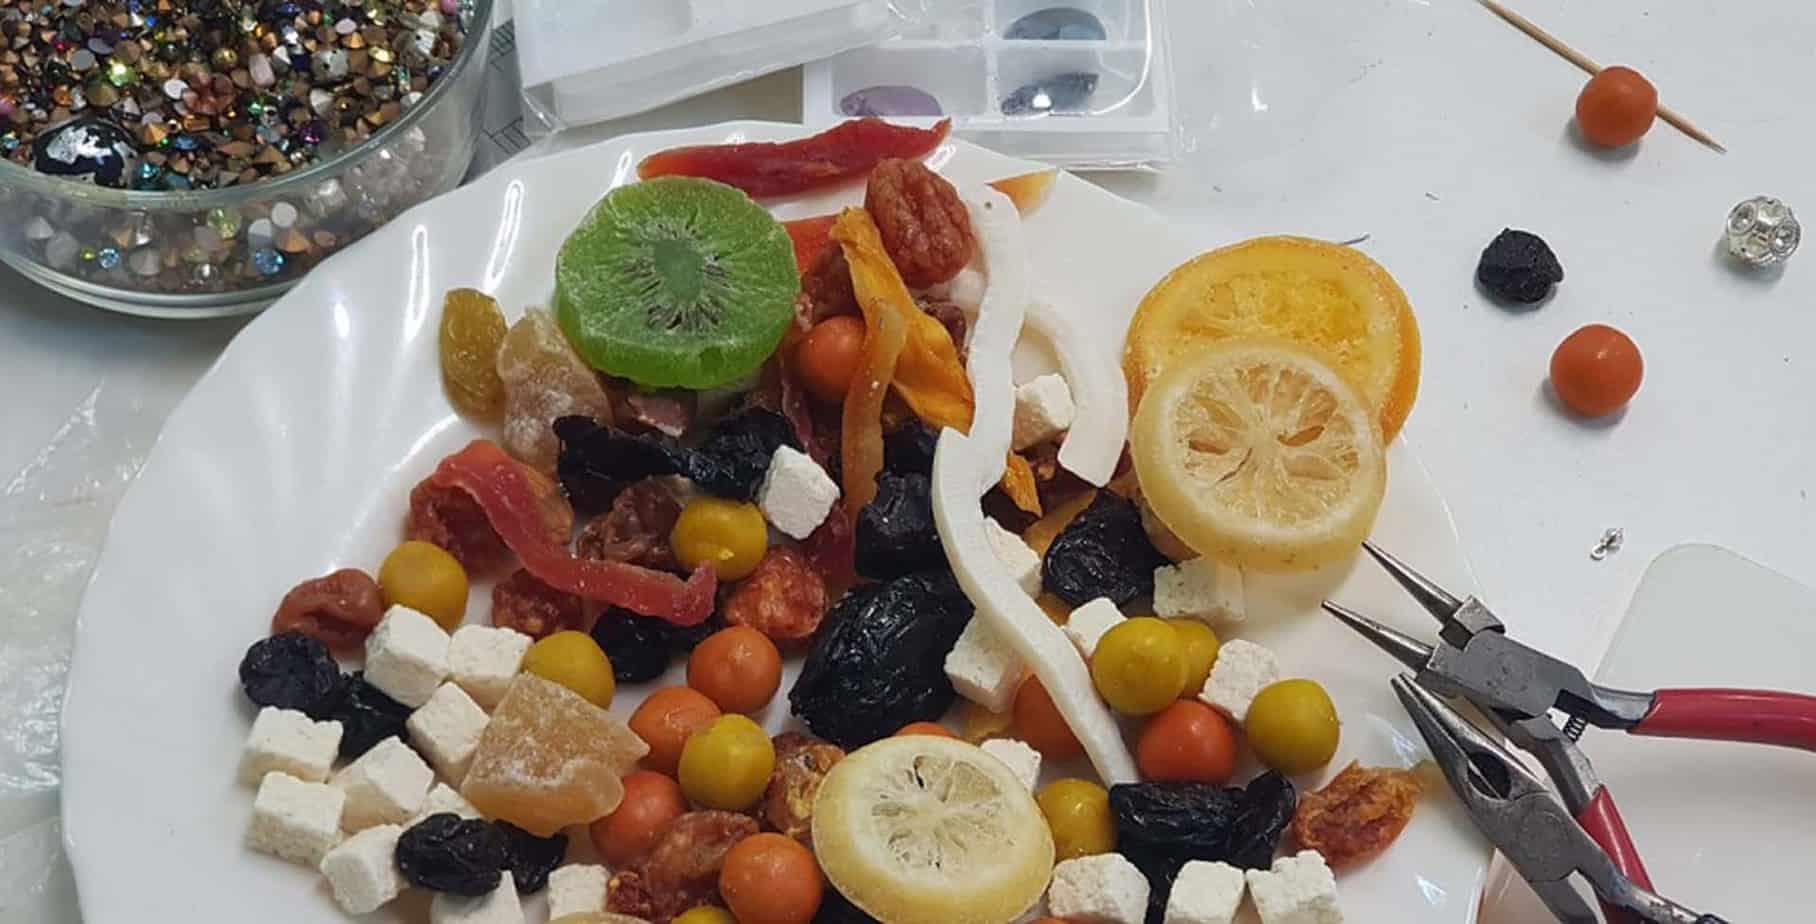 קולקצית תכשיטי פירות לטו בשבט של המעצבת ענת פרץ--צילום יחצ